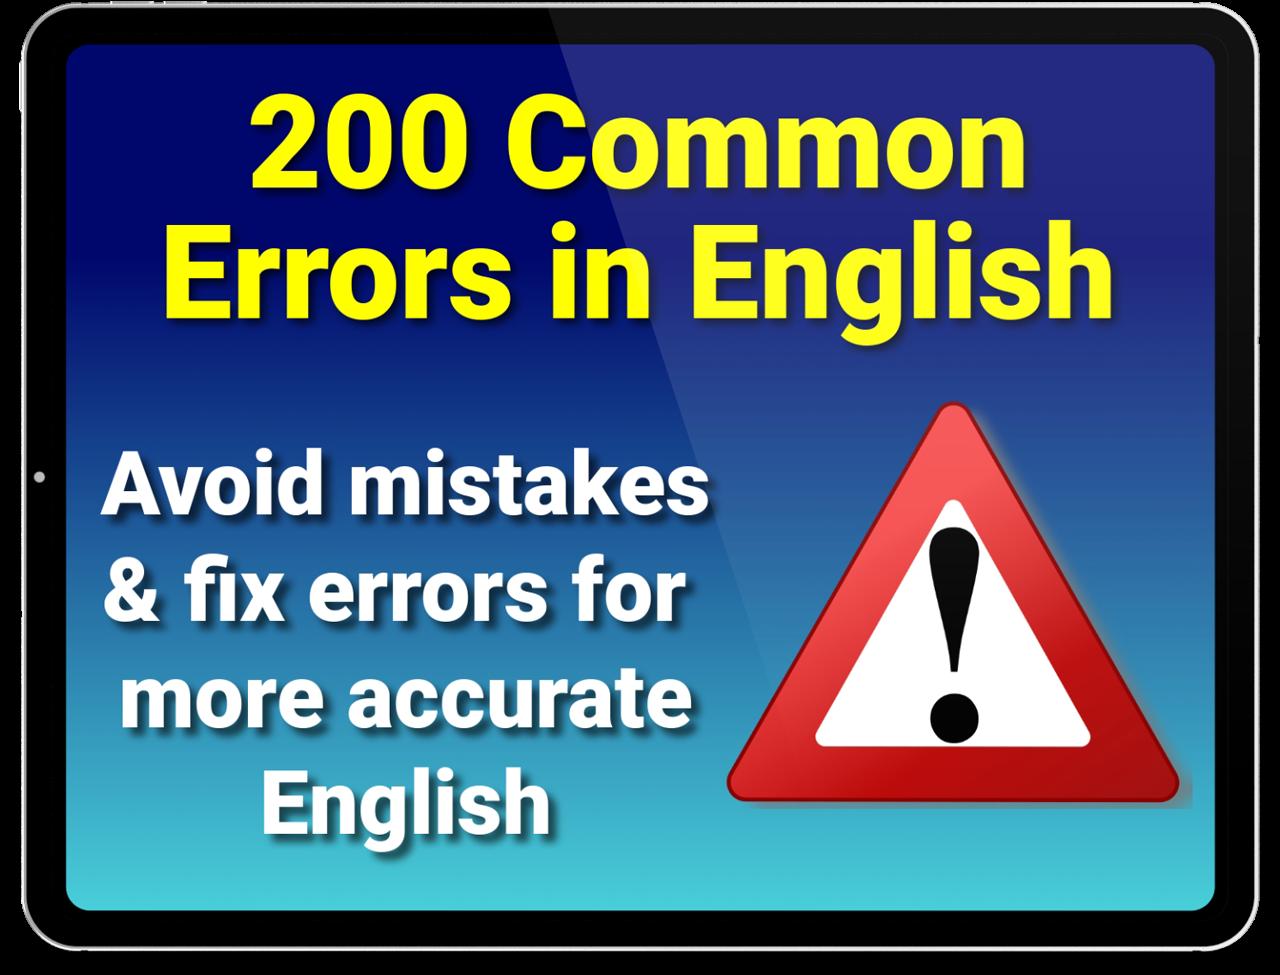 200 common errors in English course